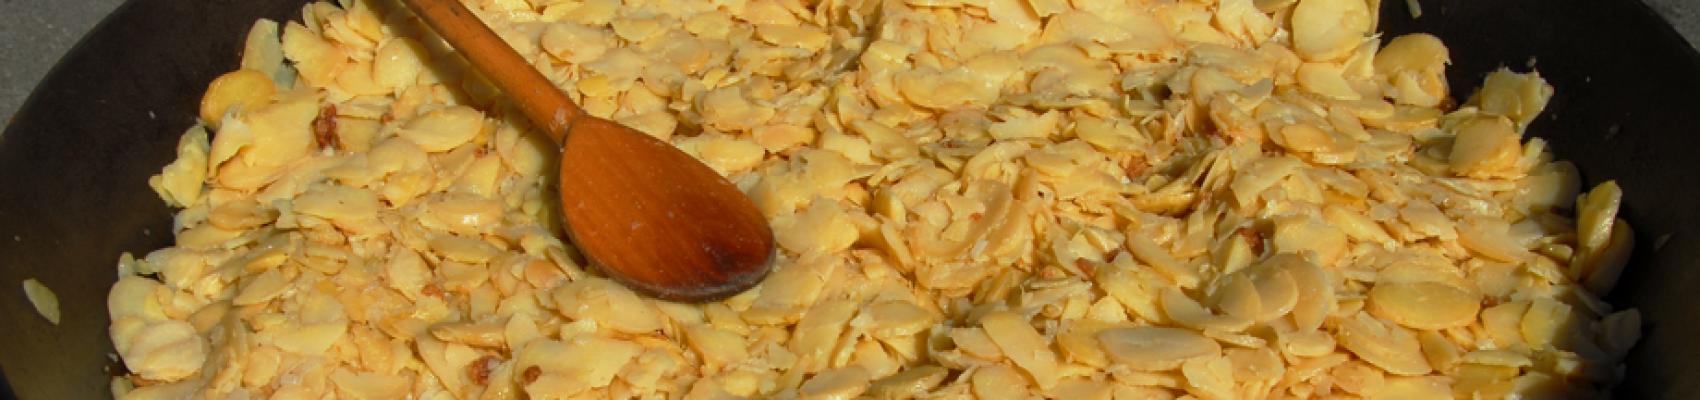 Društvo za priznanje praženega krompirja kot samostojne jedi